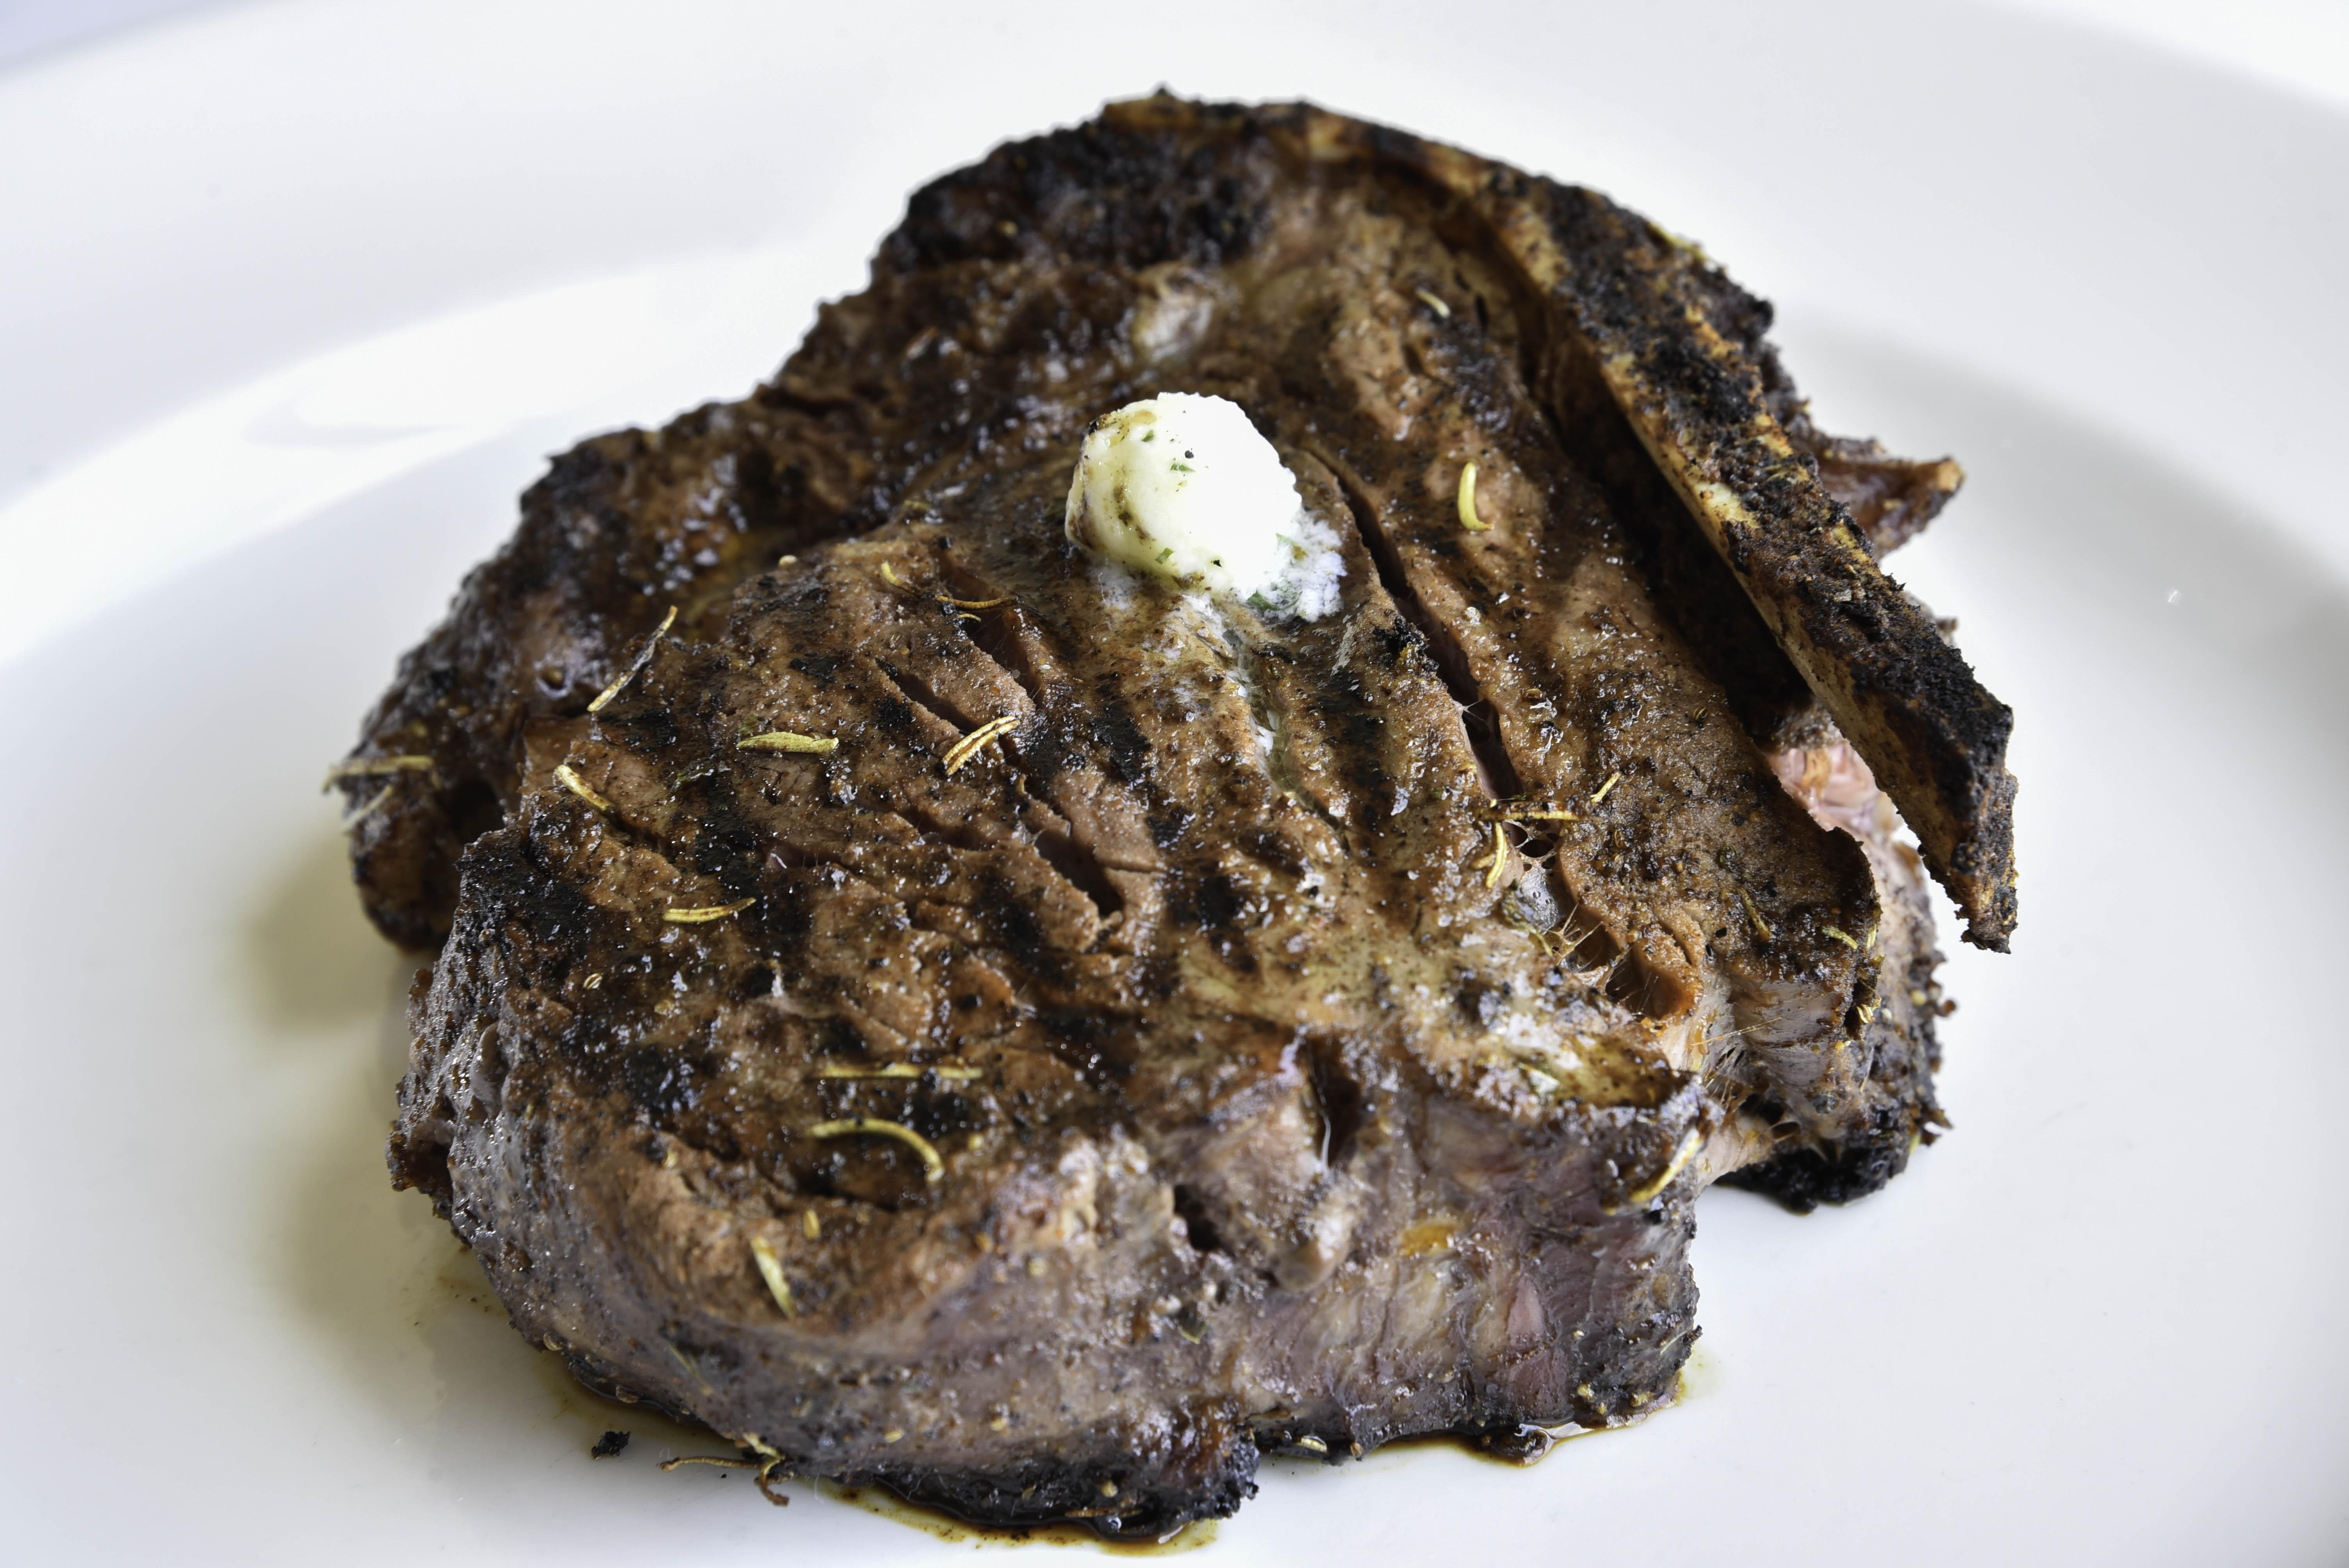 Bone-in filet at Morels